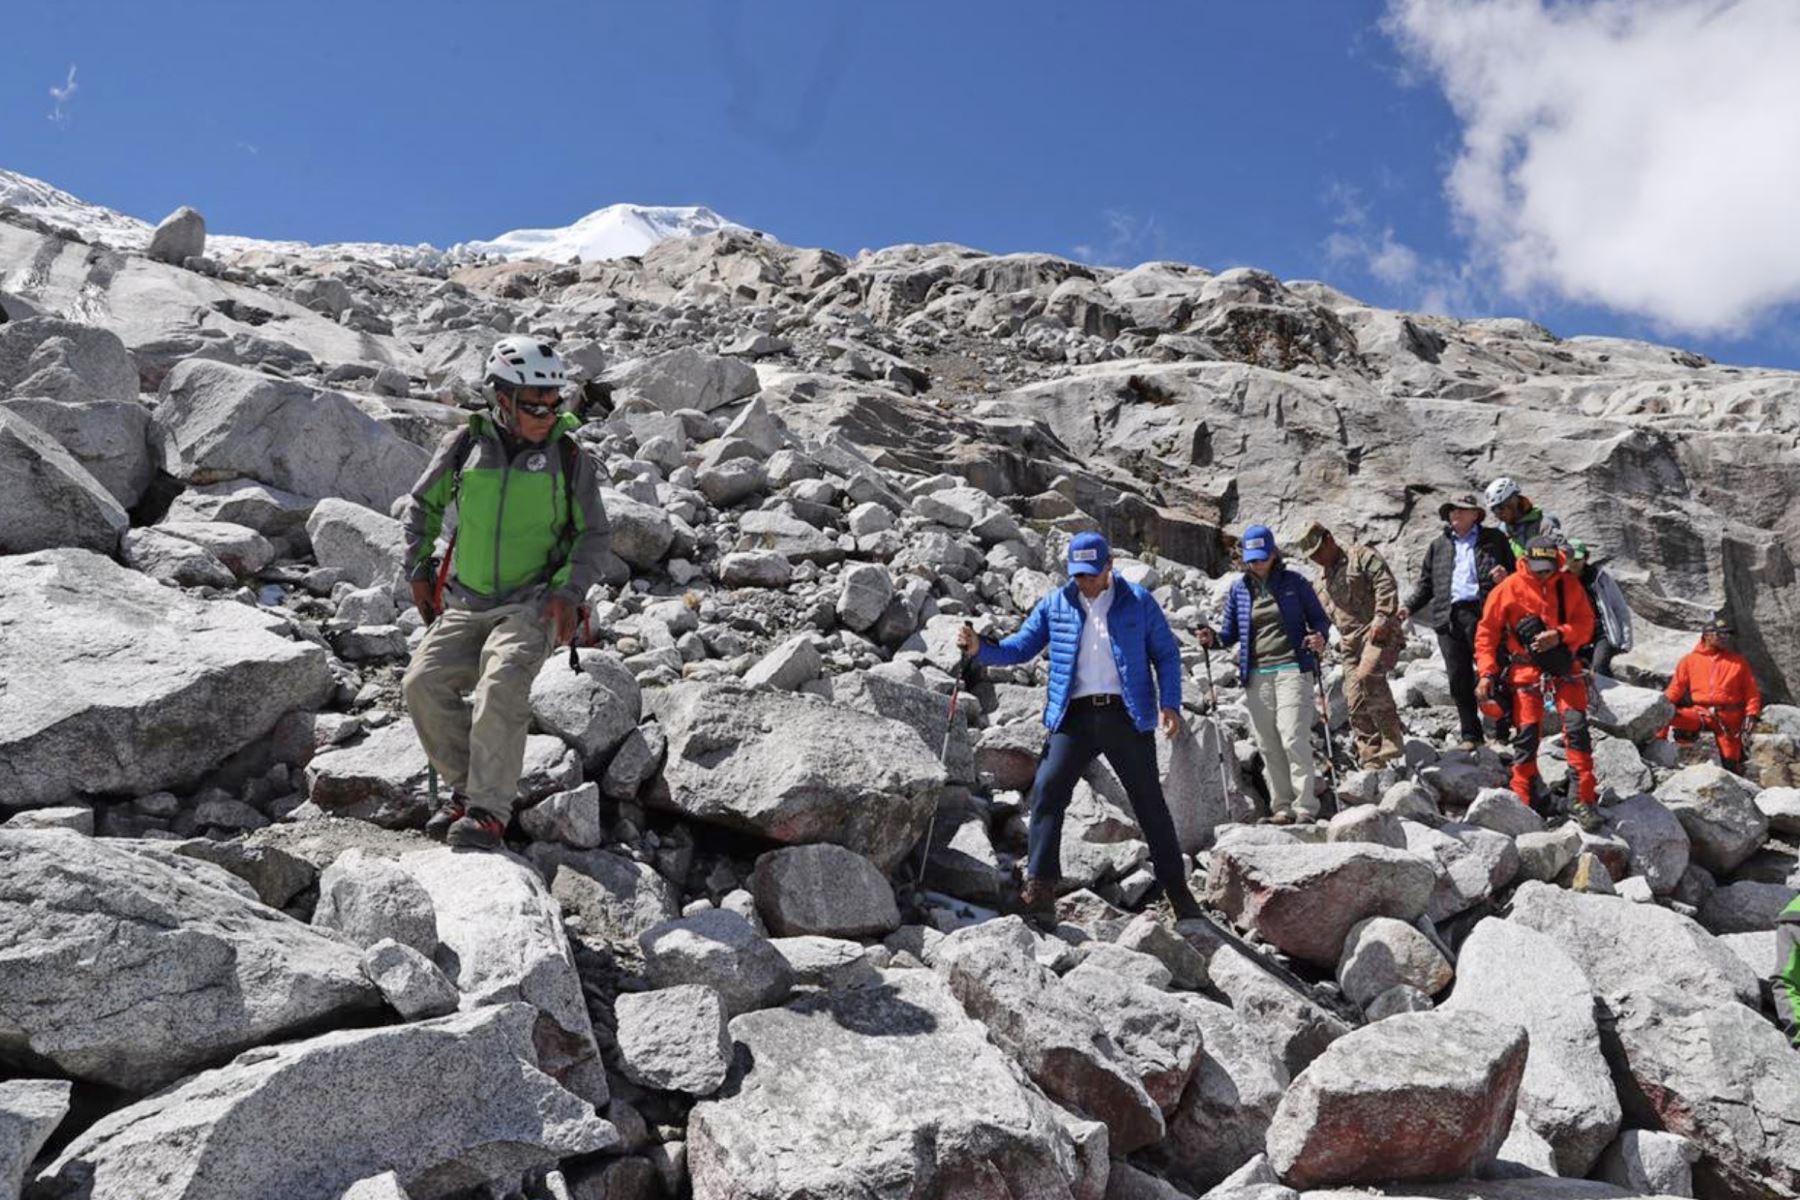 El presidente Martín Vizcarra acompaña a los miembros de la expedición científica que investigarán el nevado Huascarán. Foto: ANDINA/Prensa Presidencia